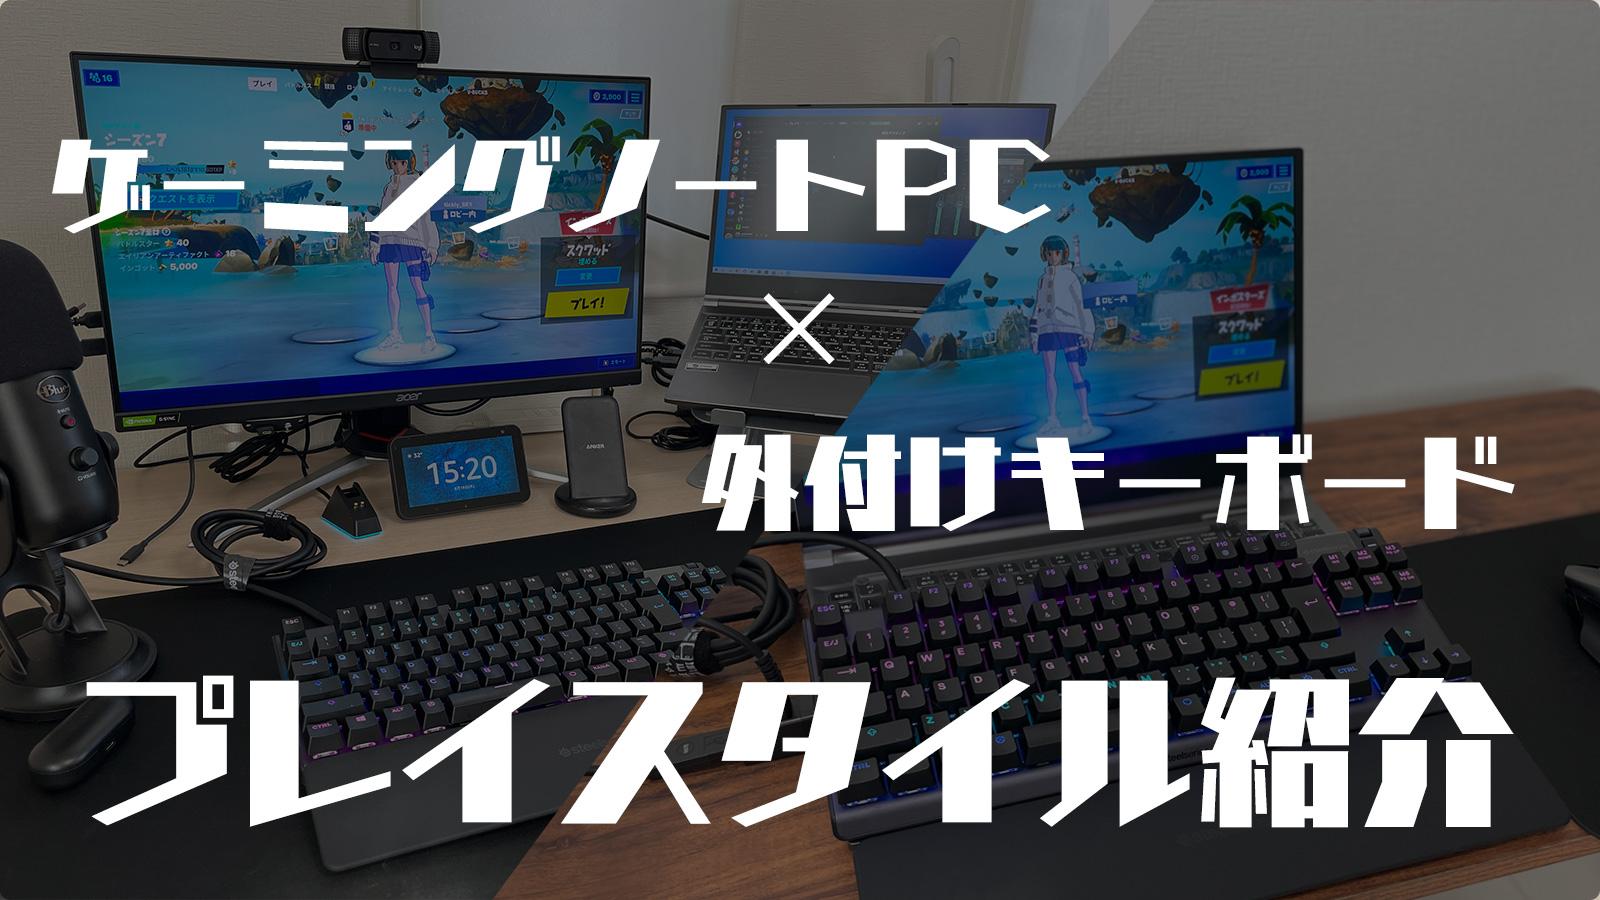 ゲーミングノートPCで外付けゲーミングキーボード!デスク&居間〜2つのFortniteプレイスタイル